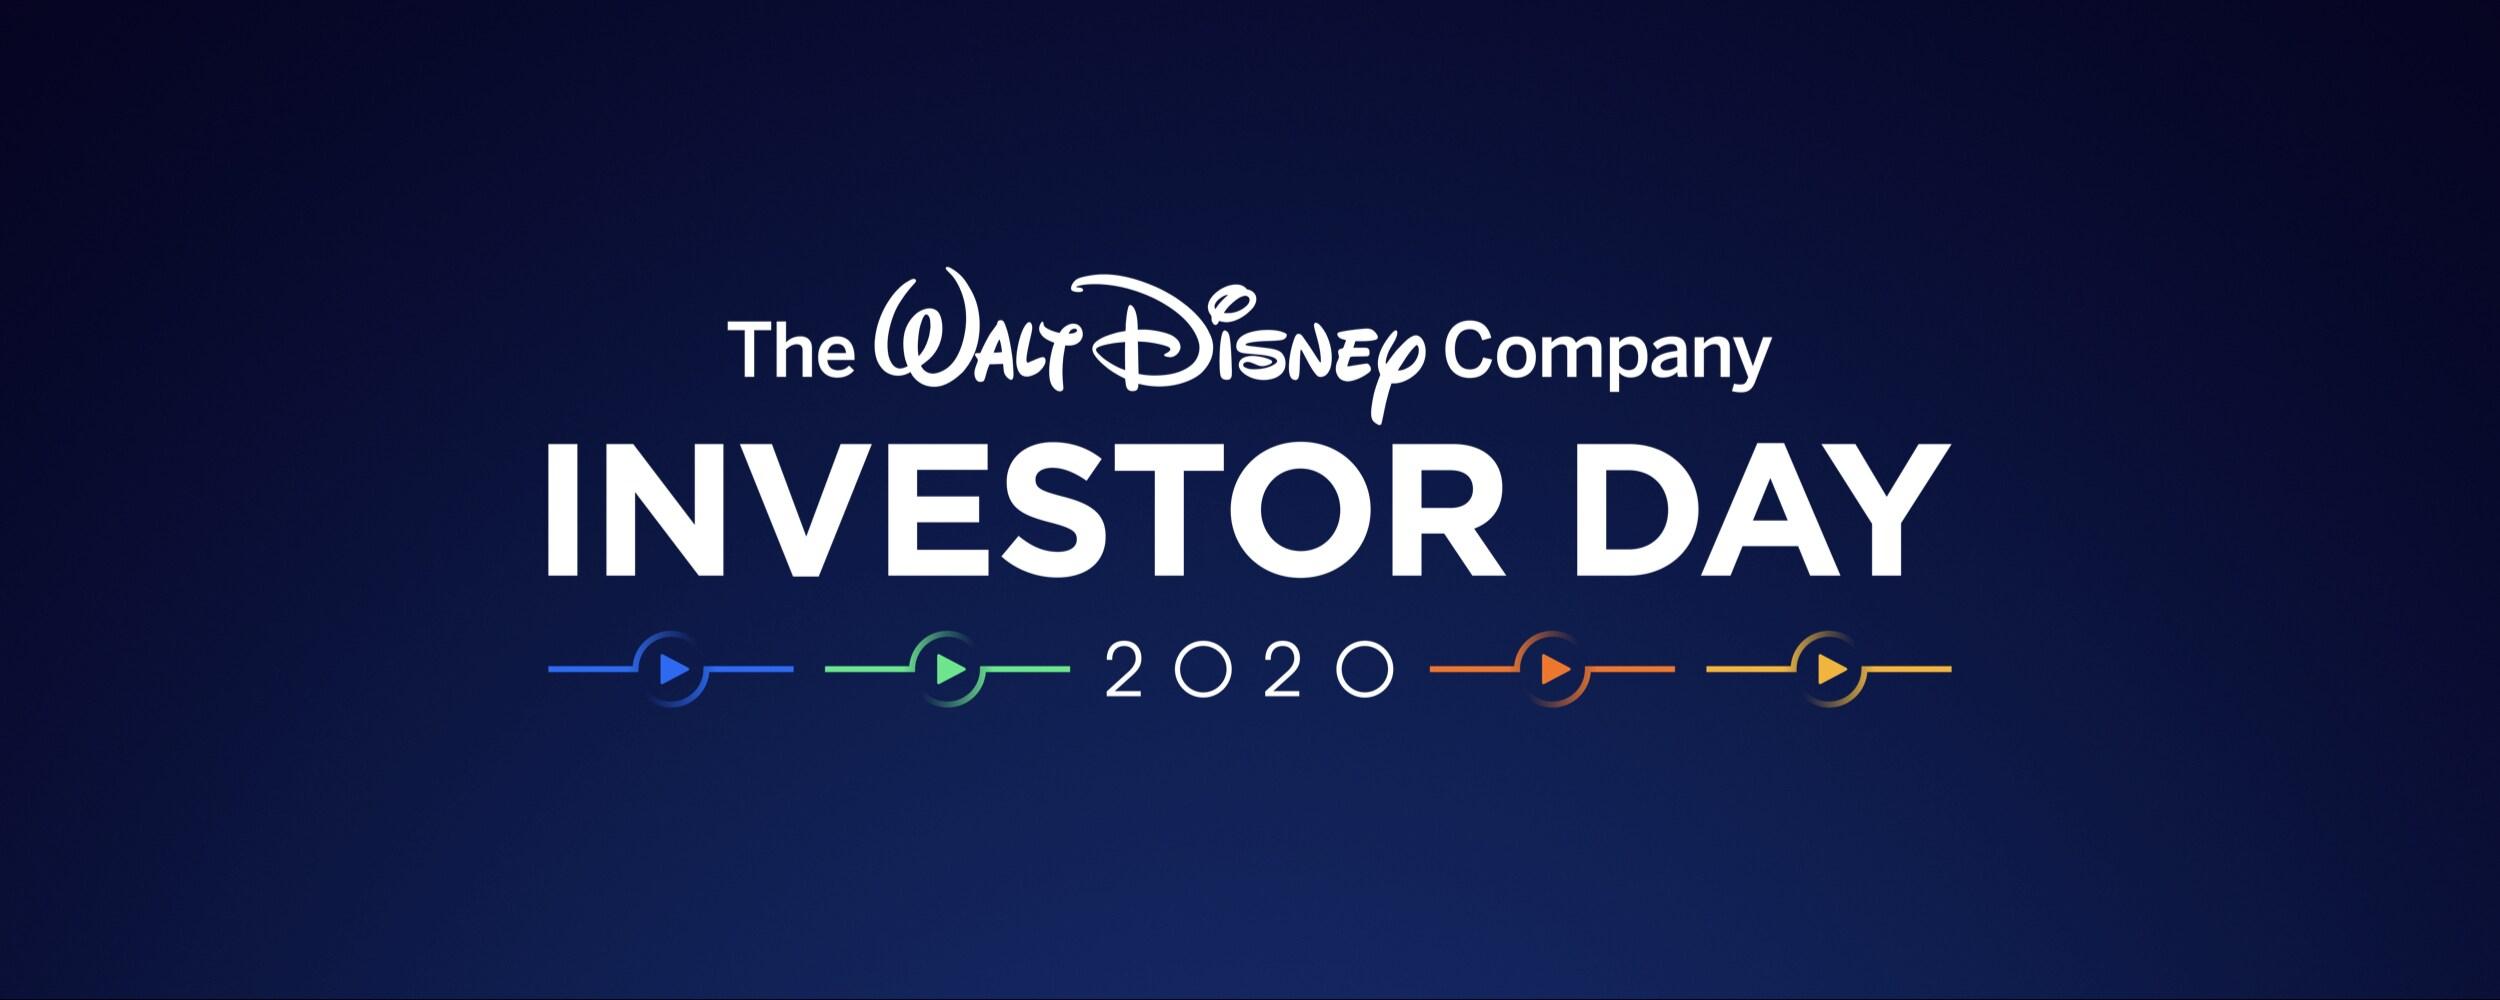 Investor Day 2020 Media Kit